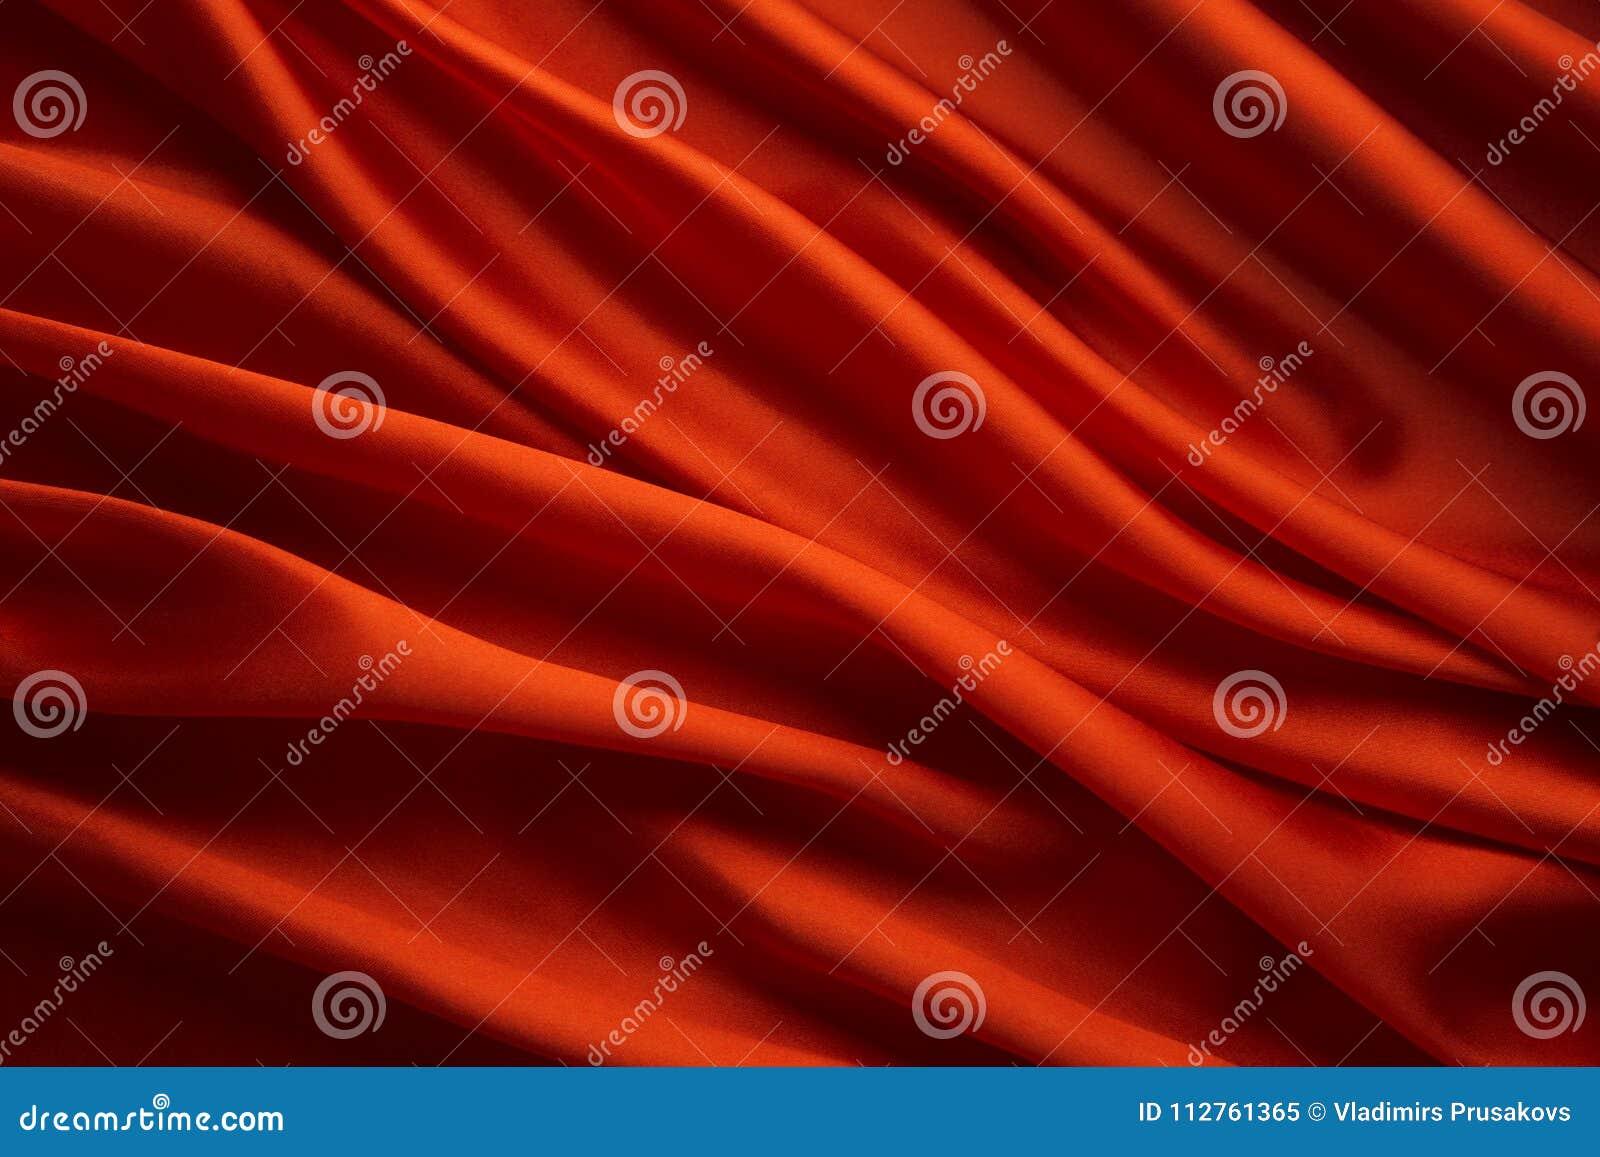 Le fond rouge de tissu en soie, tissu de satin ondule la texture